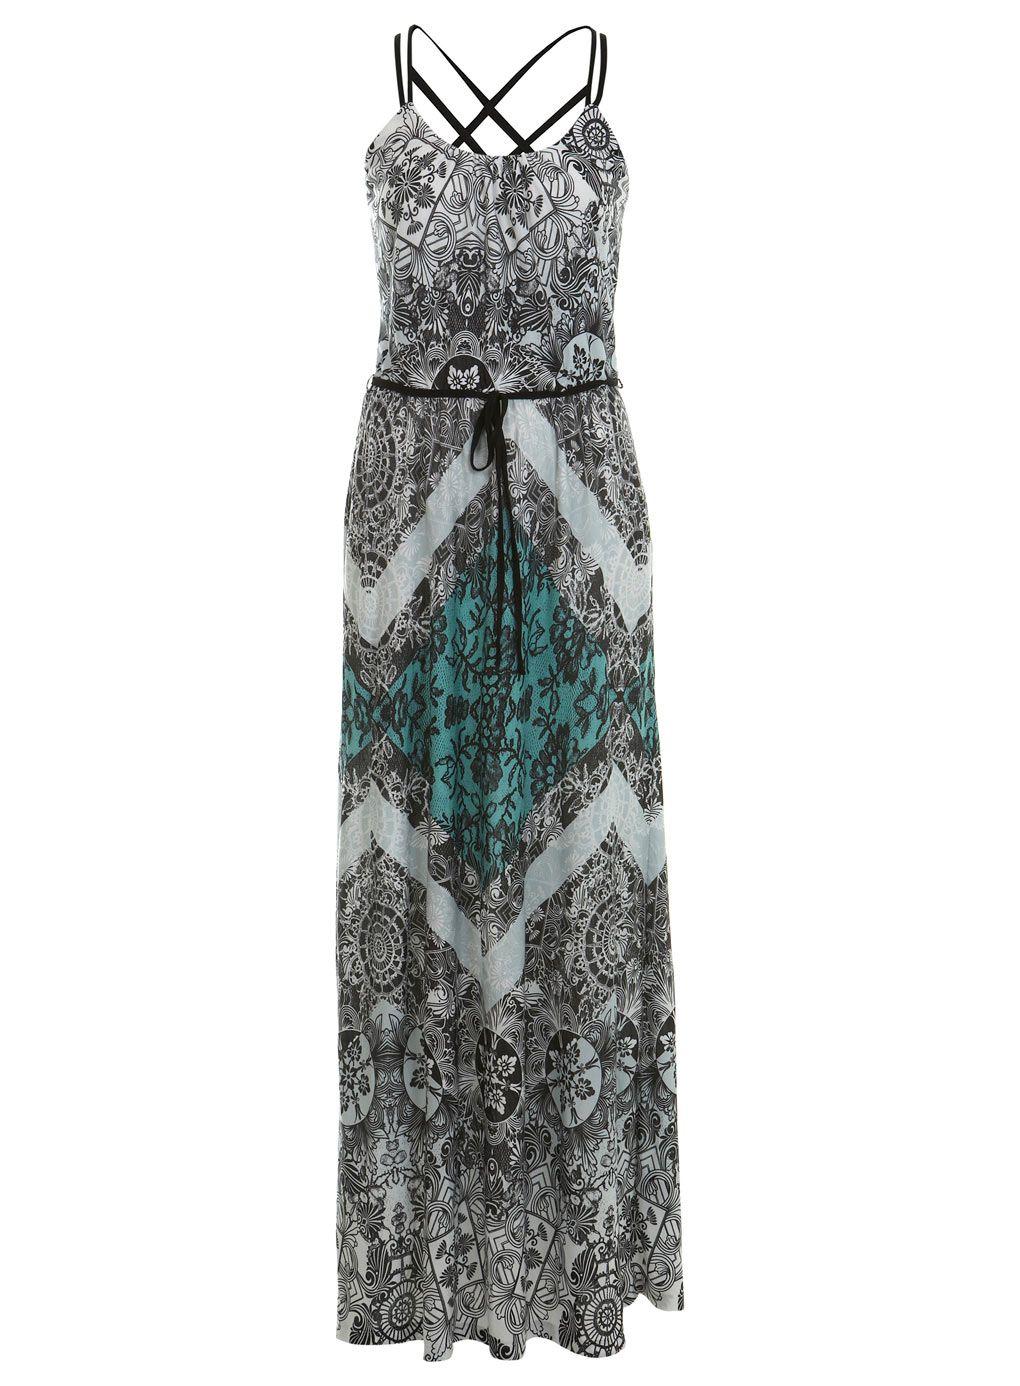 Lace Print Strappy Maxi Dress Viscose Maxi Dress Maxi Dress Strappy Maxi Dress [ 1386 x 1020 Pixel ]